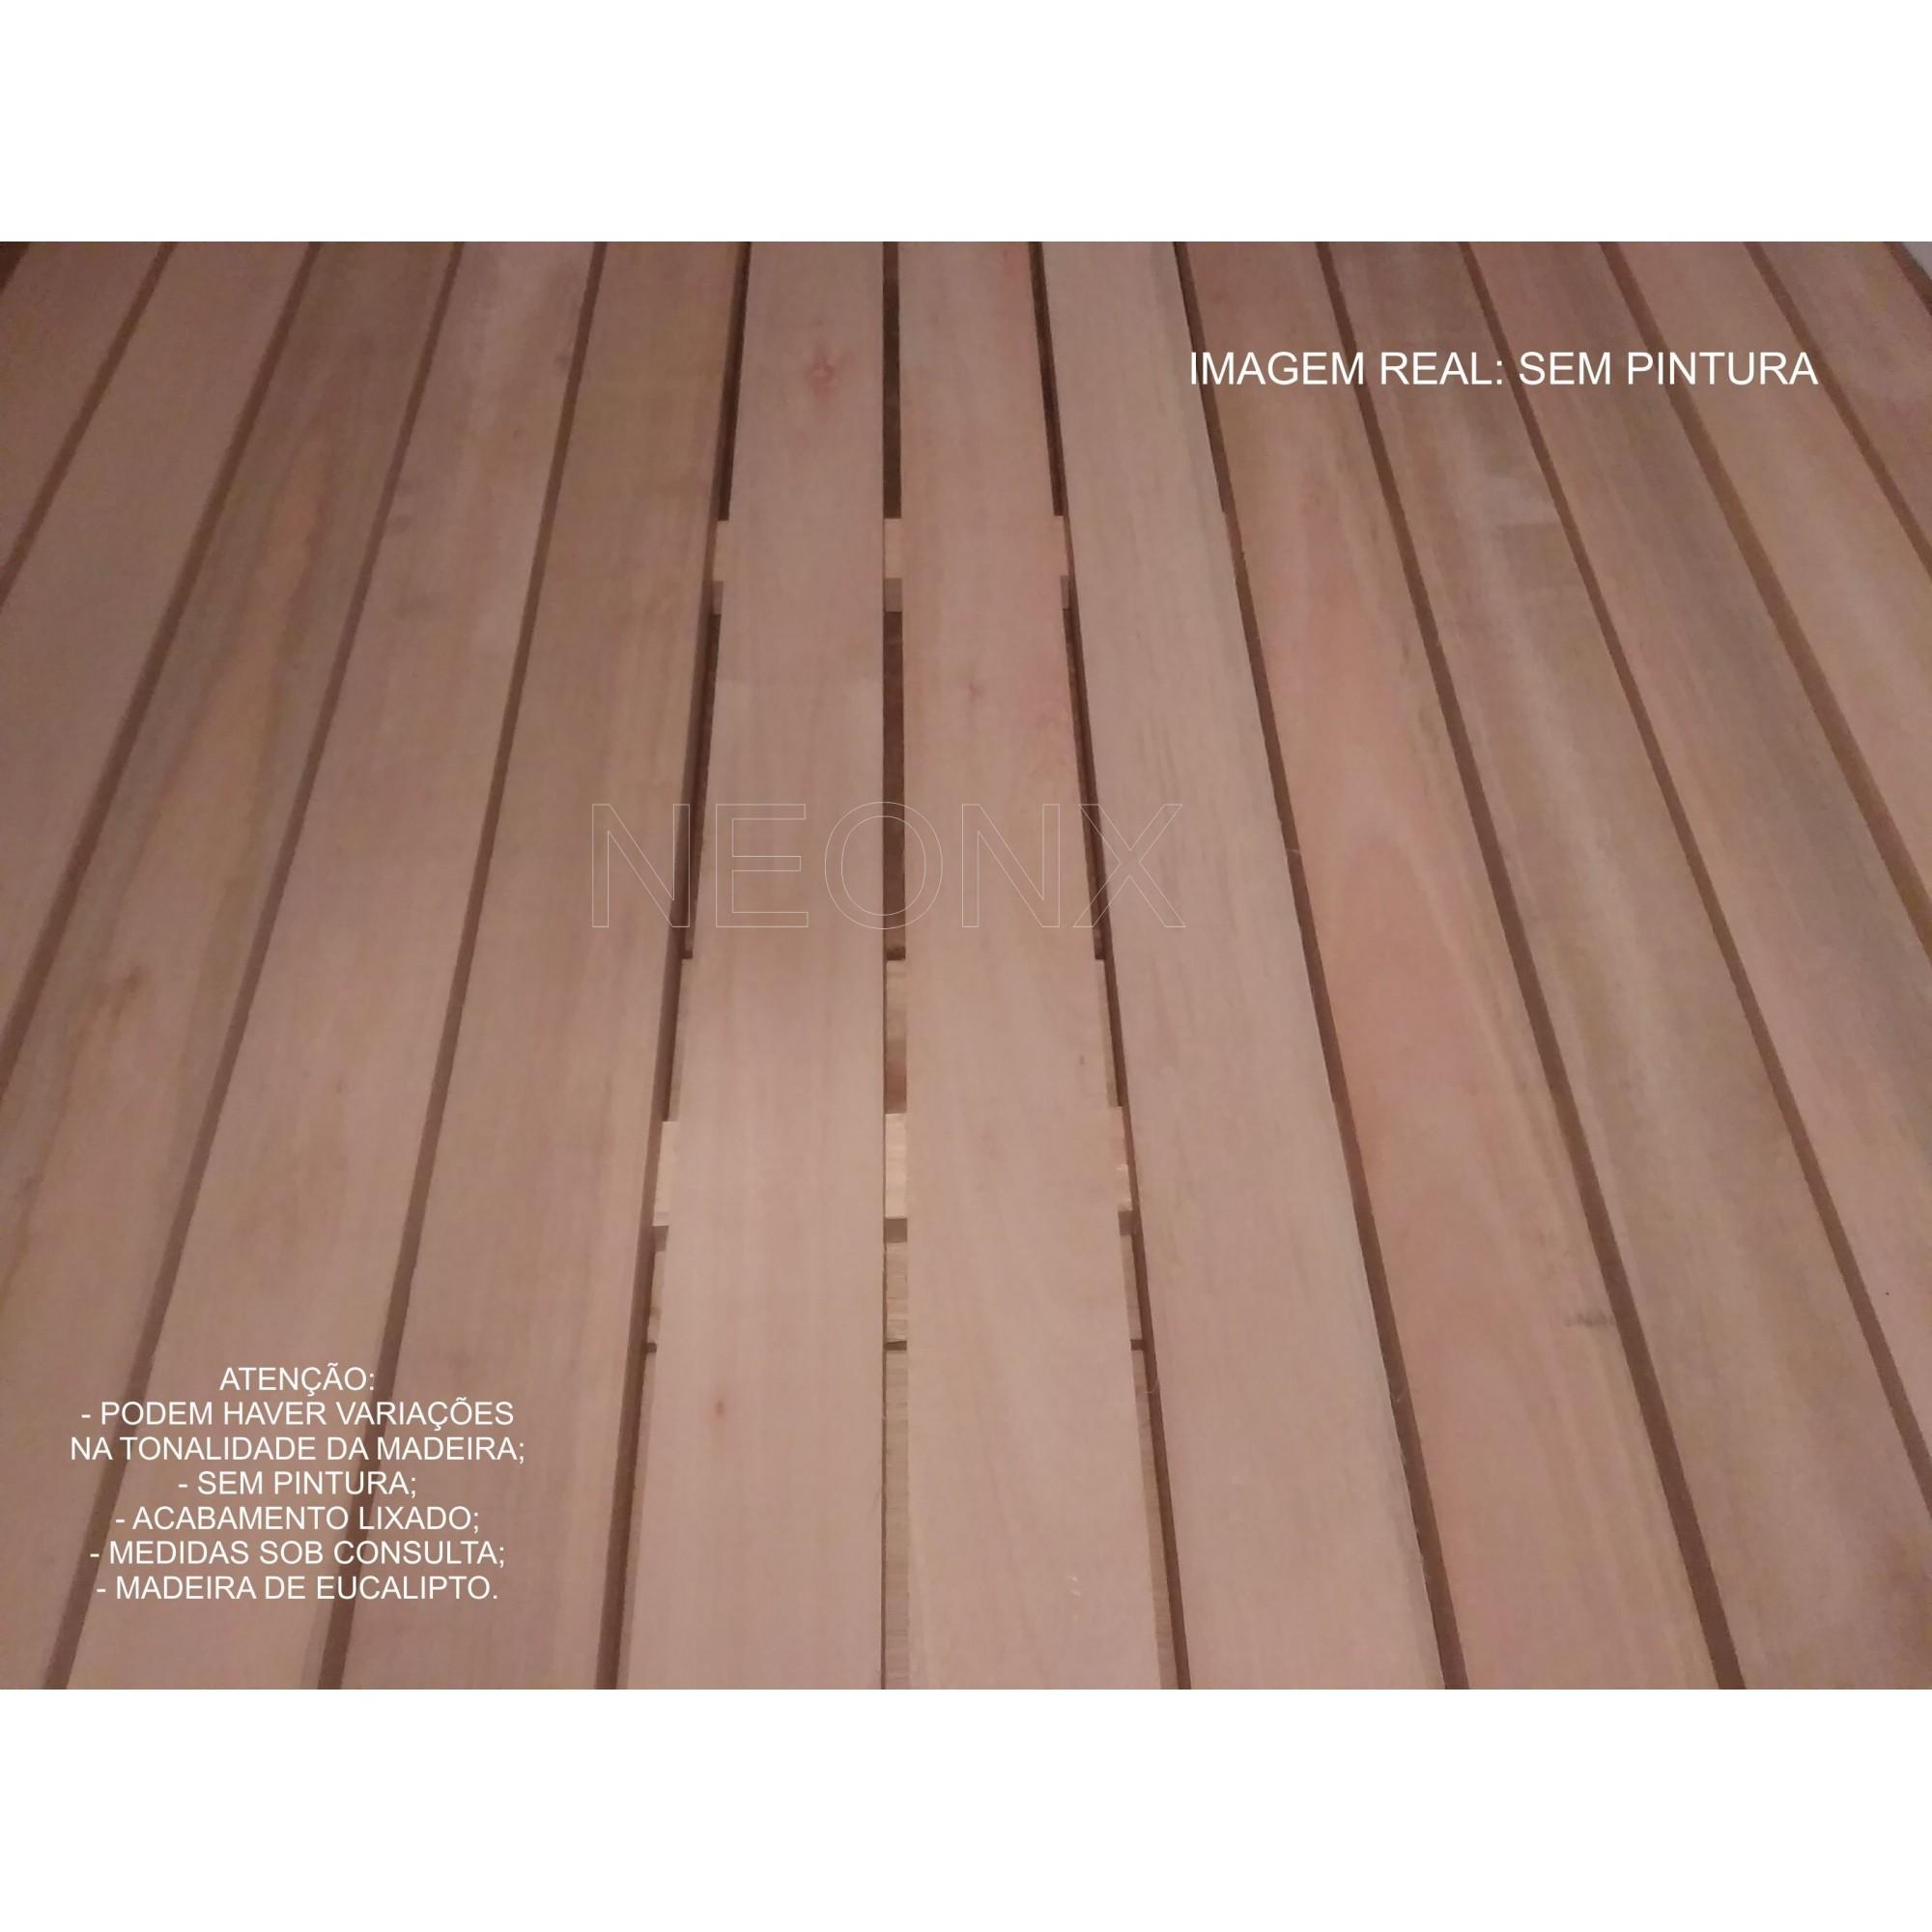 Deck De Madeira Modular 100x100cm Réguas 7 cm Tratado (Pintado)  Neonx